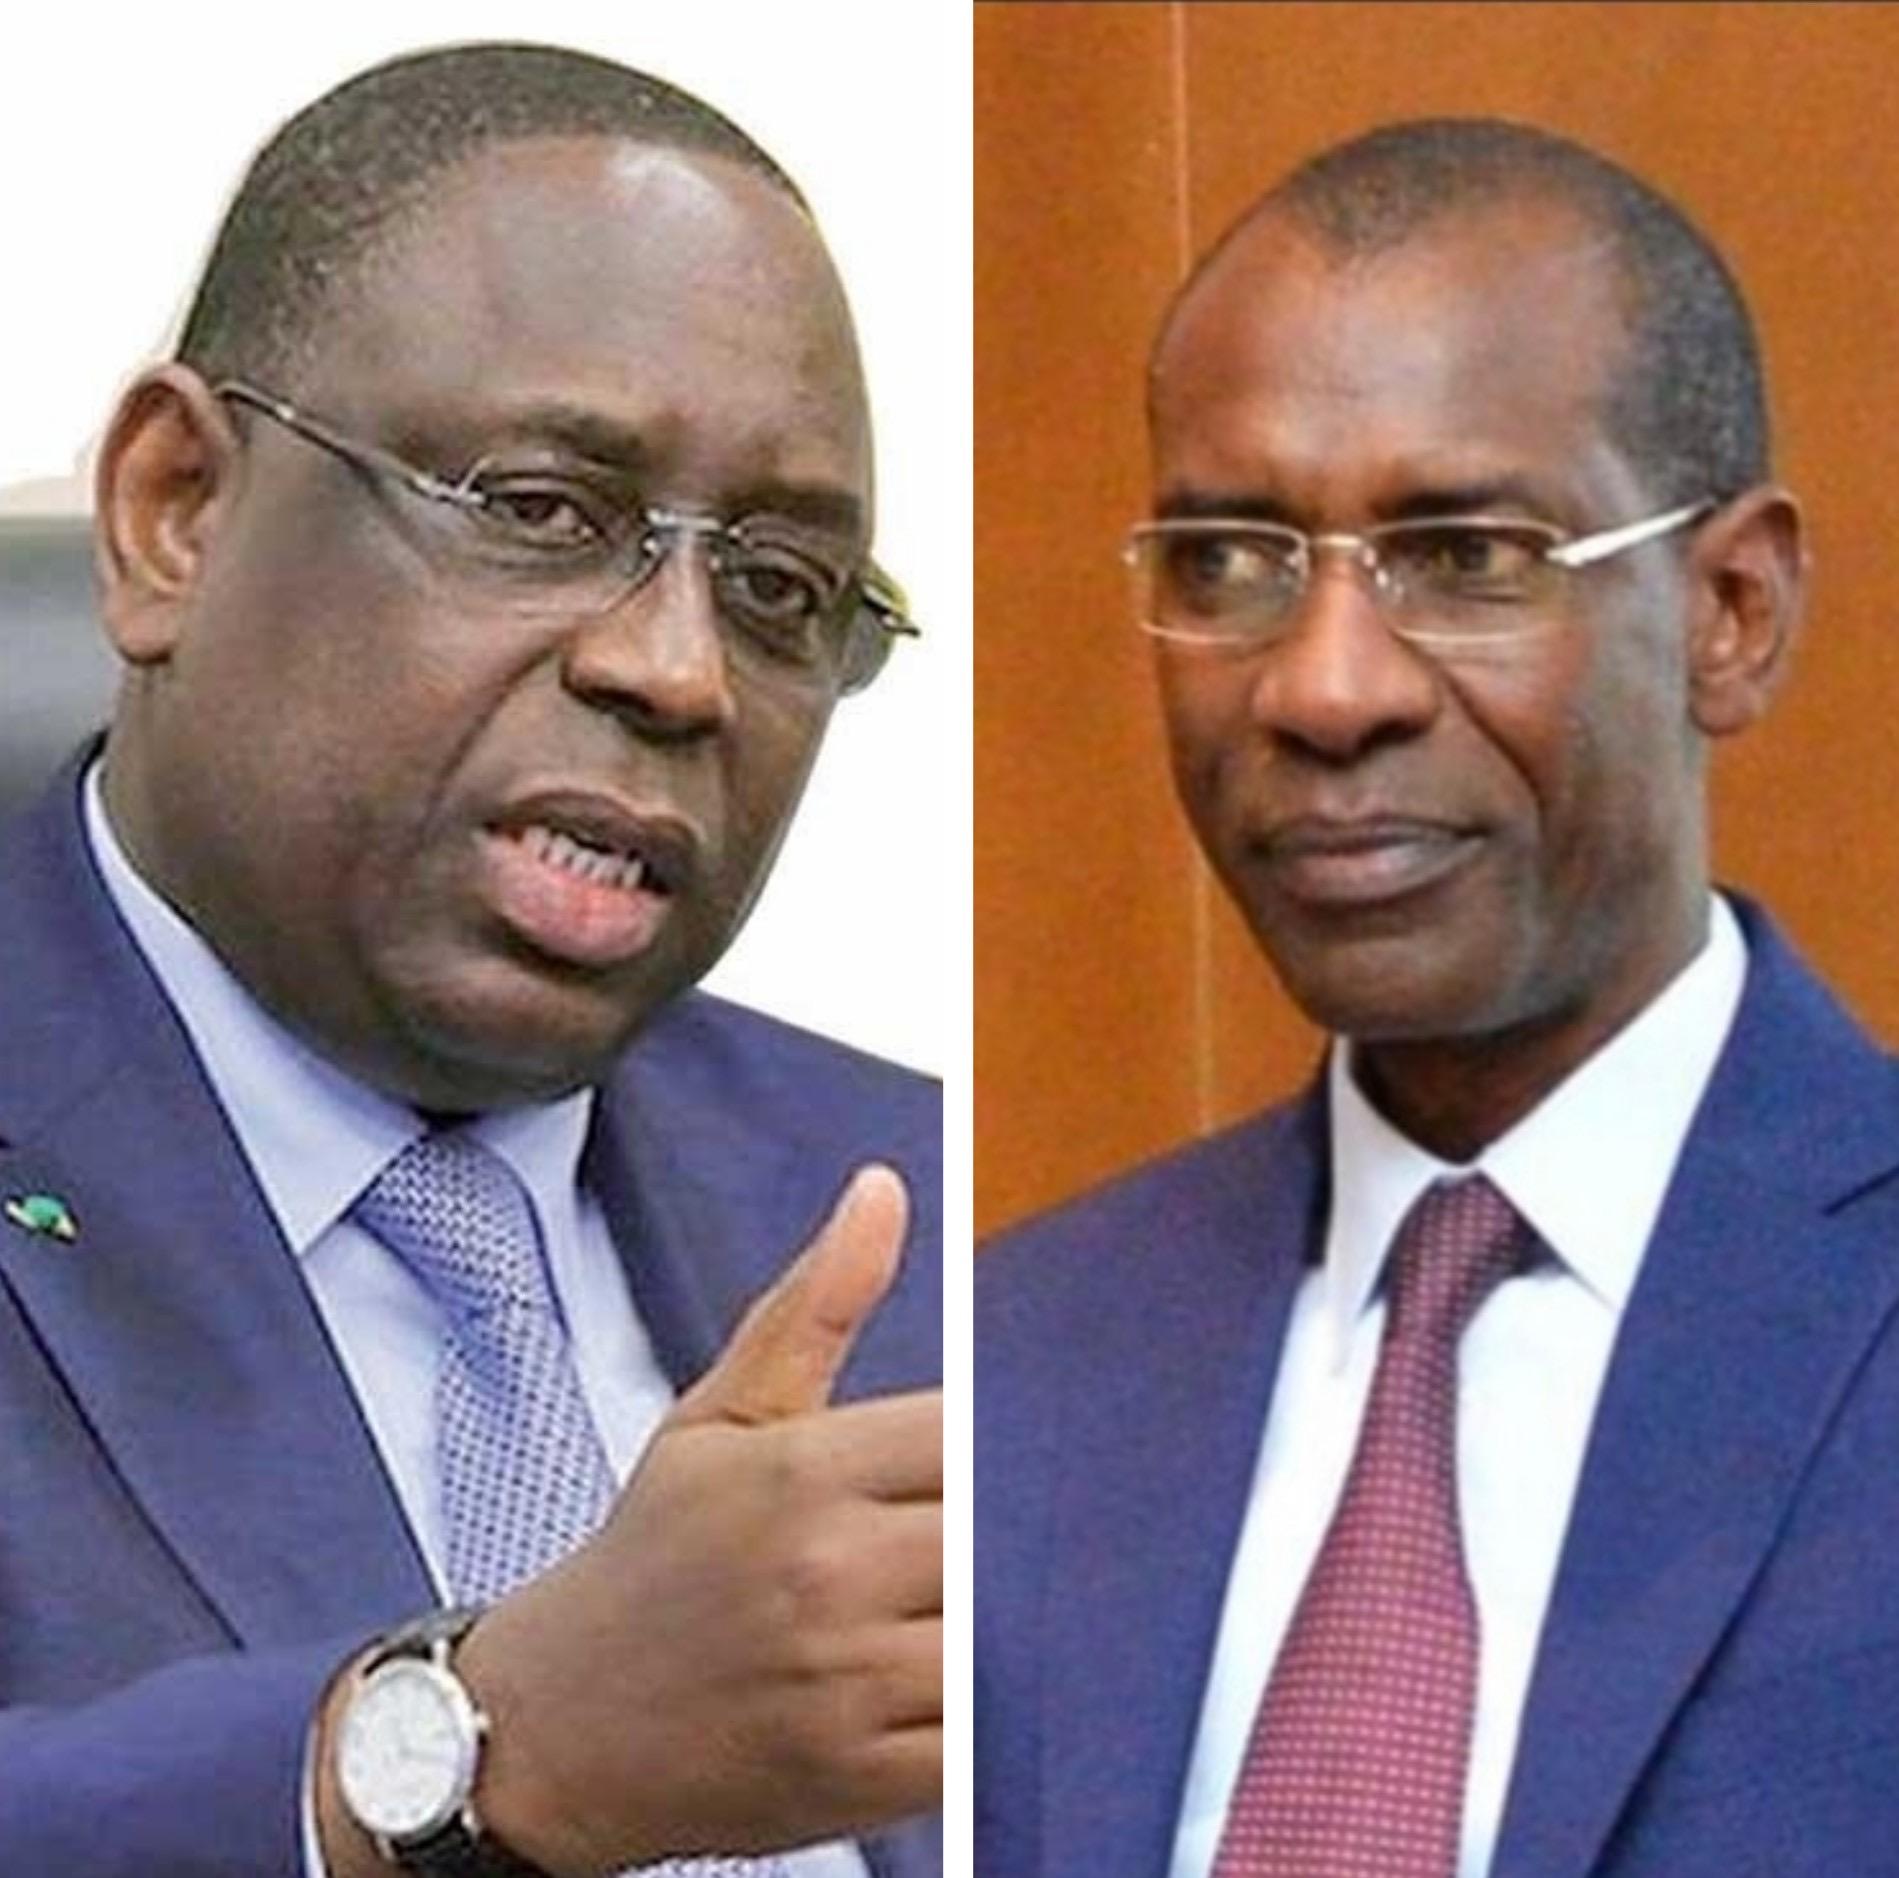 Économie : 82,5 milliards de F Cfa levés par le Sénégal avec succès sur le marché régional des titres publics de l'Umoa.